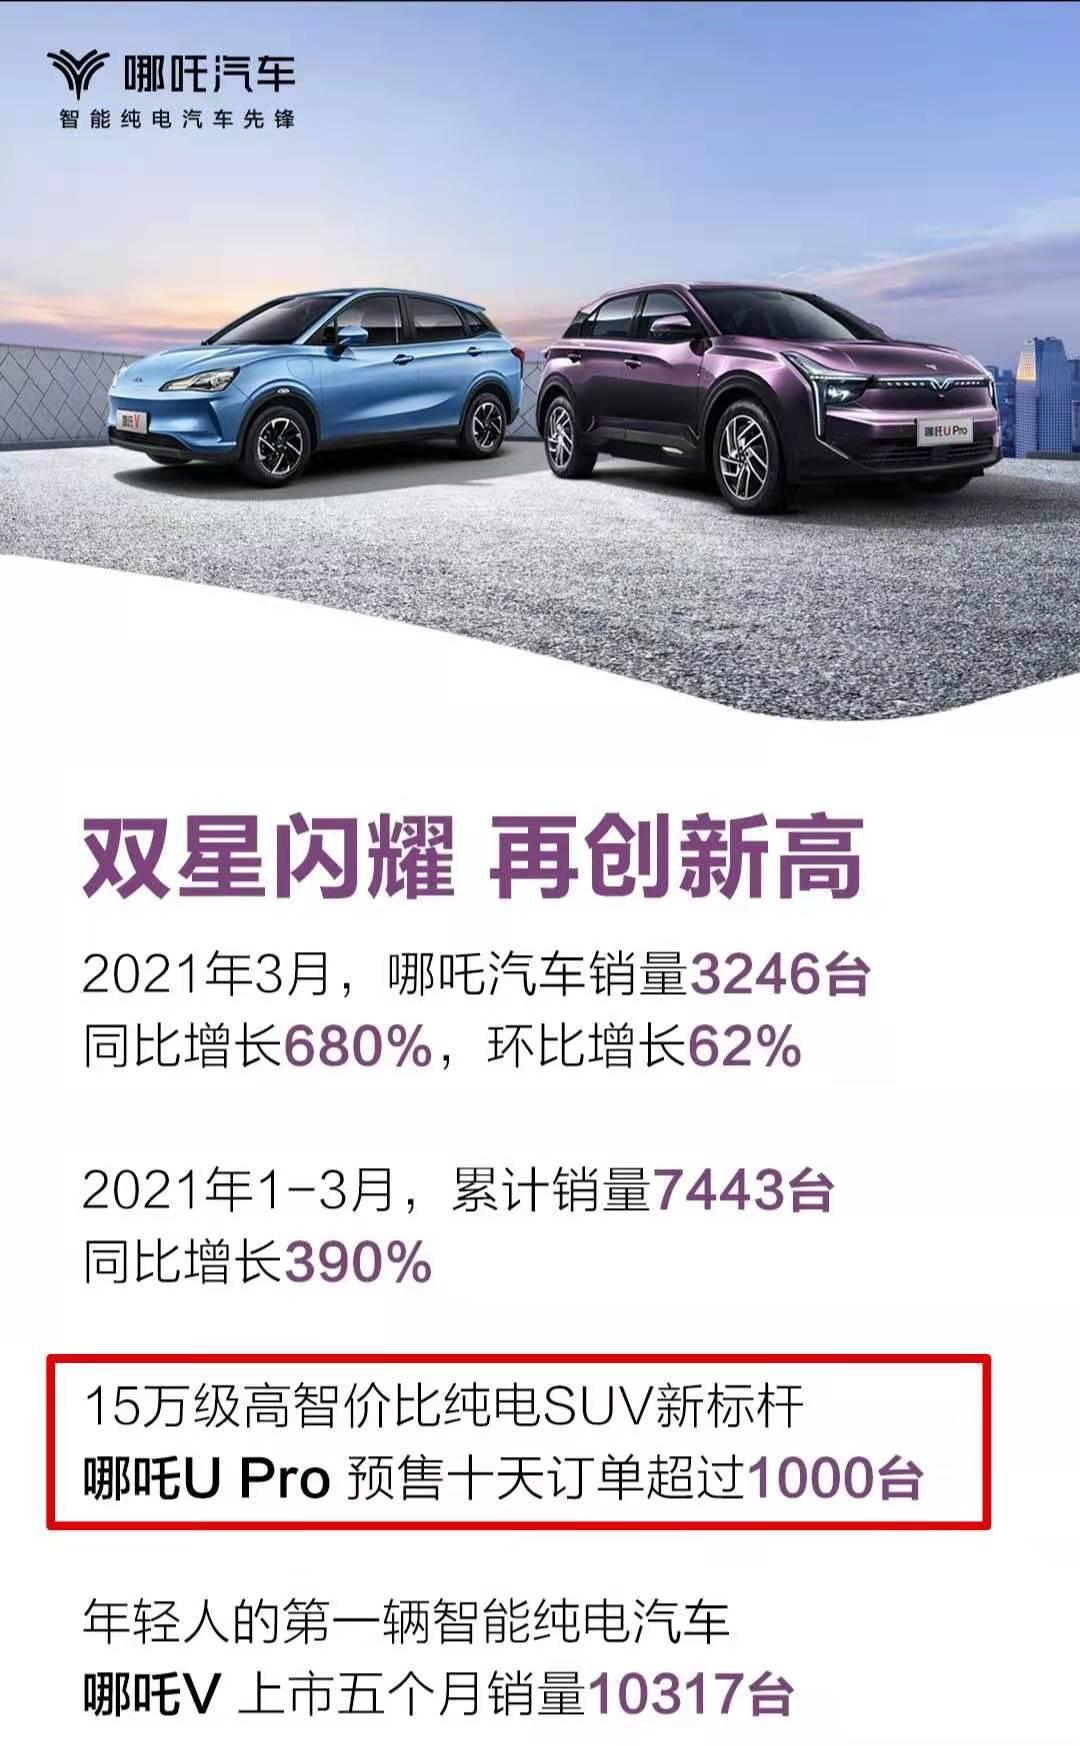 上海车展新能源汽车前瞻:哪吒U Pro上市 神秘车型亮相